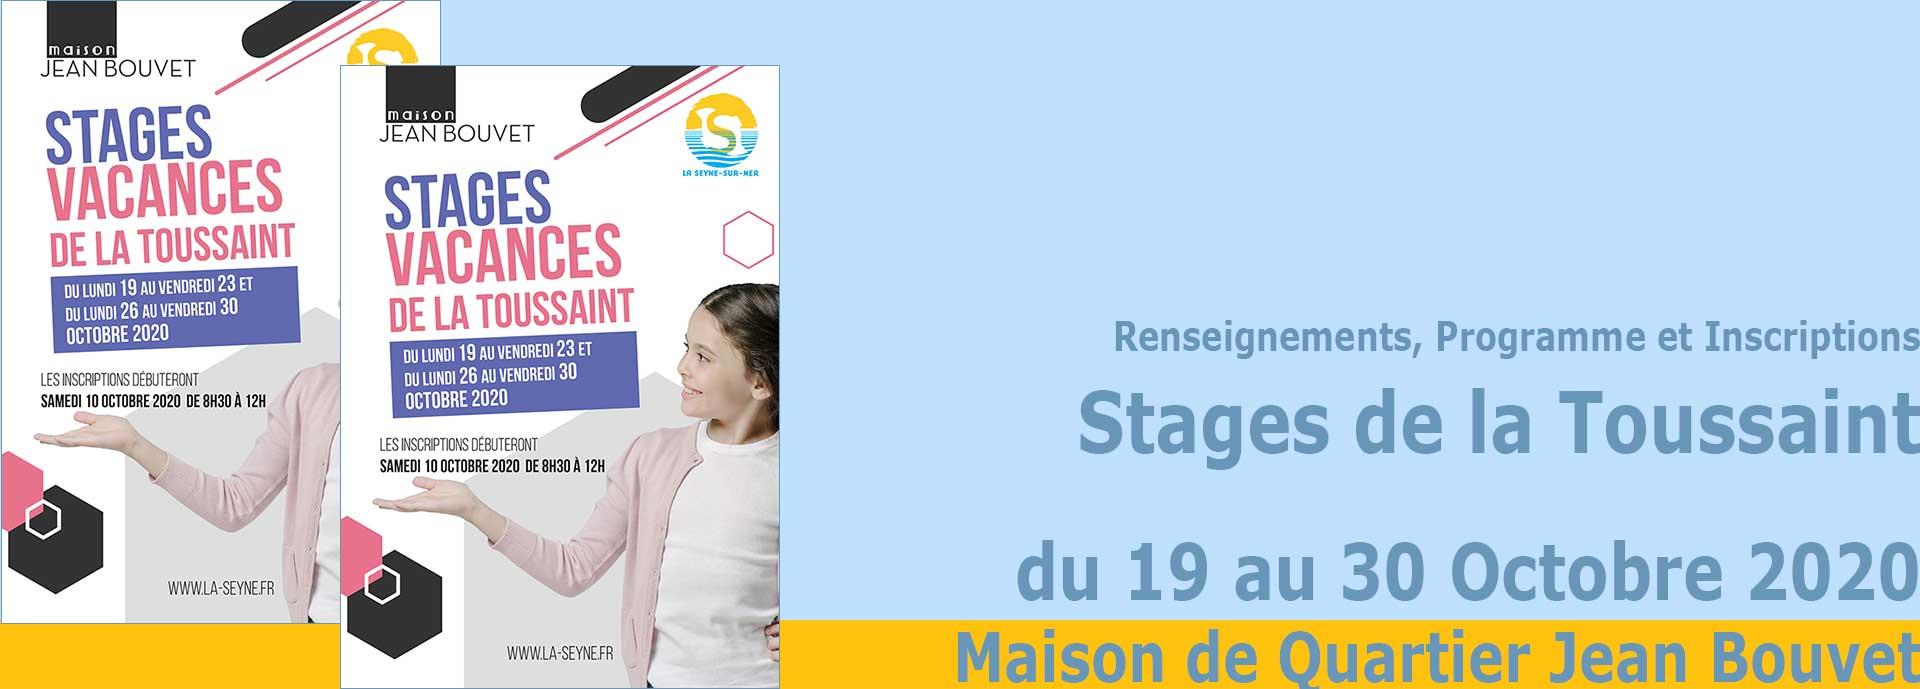 Les Stages de la Toussaint 2020 à la Maison de Quartier Jean Bouvet